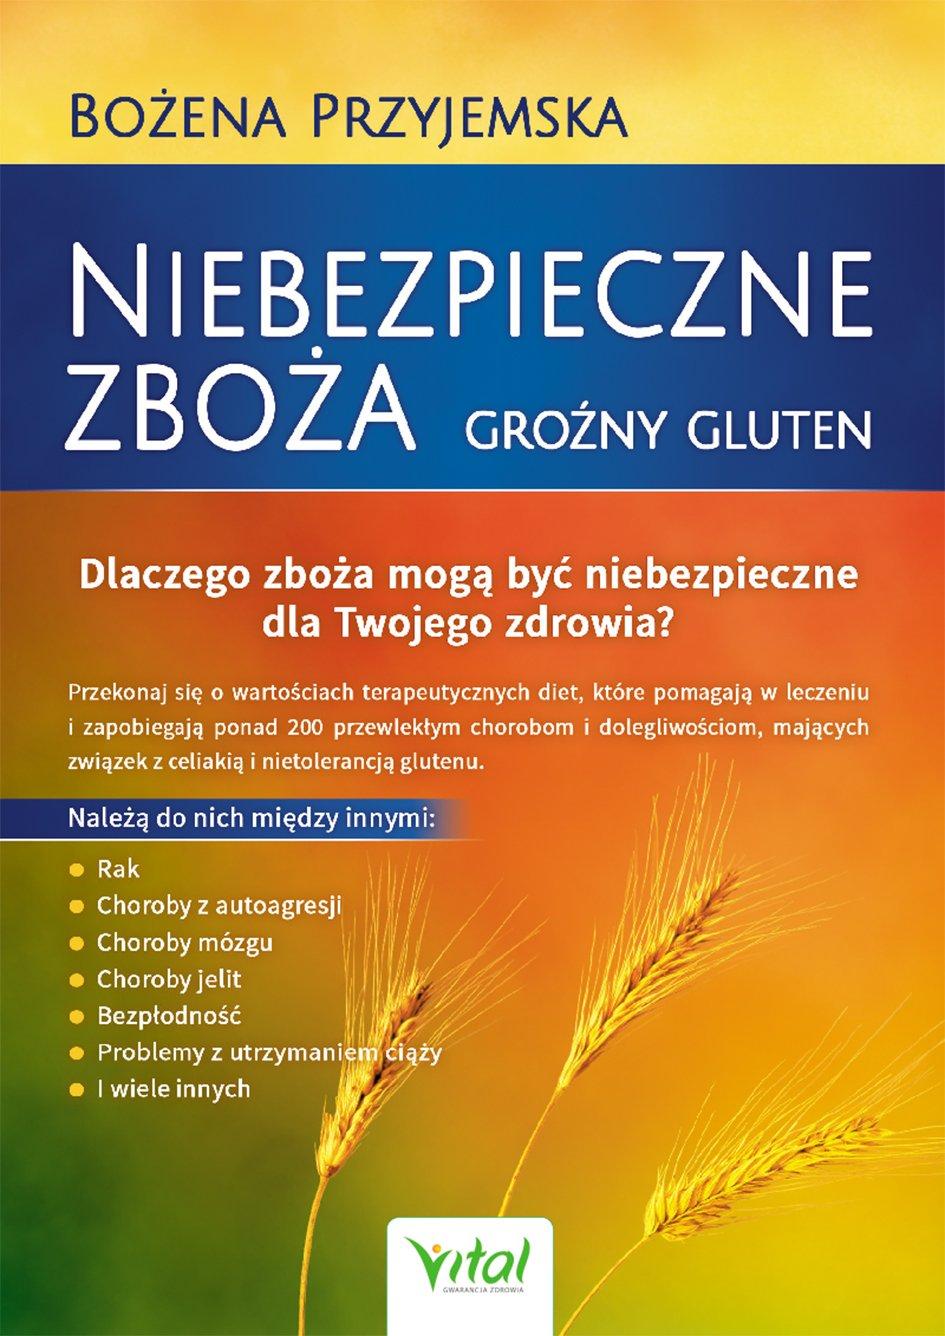 Niebezpieczne zboża. Groźny gluten - Ebook (Książka PDF) do pobrania w formacie PDF